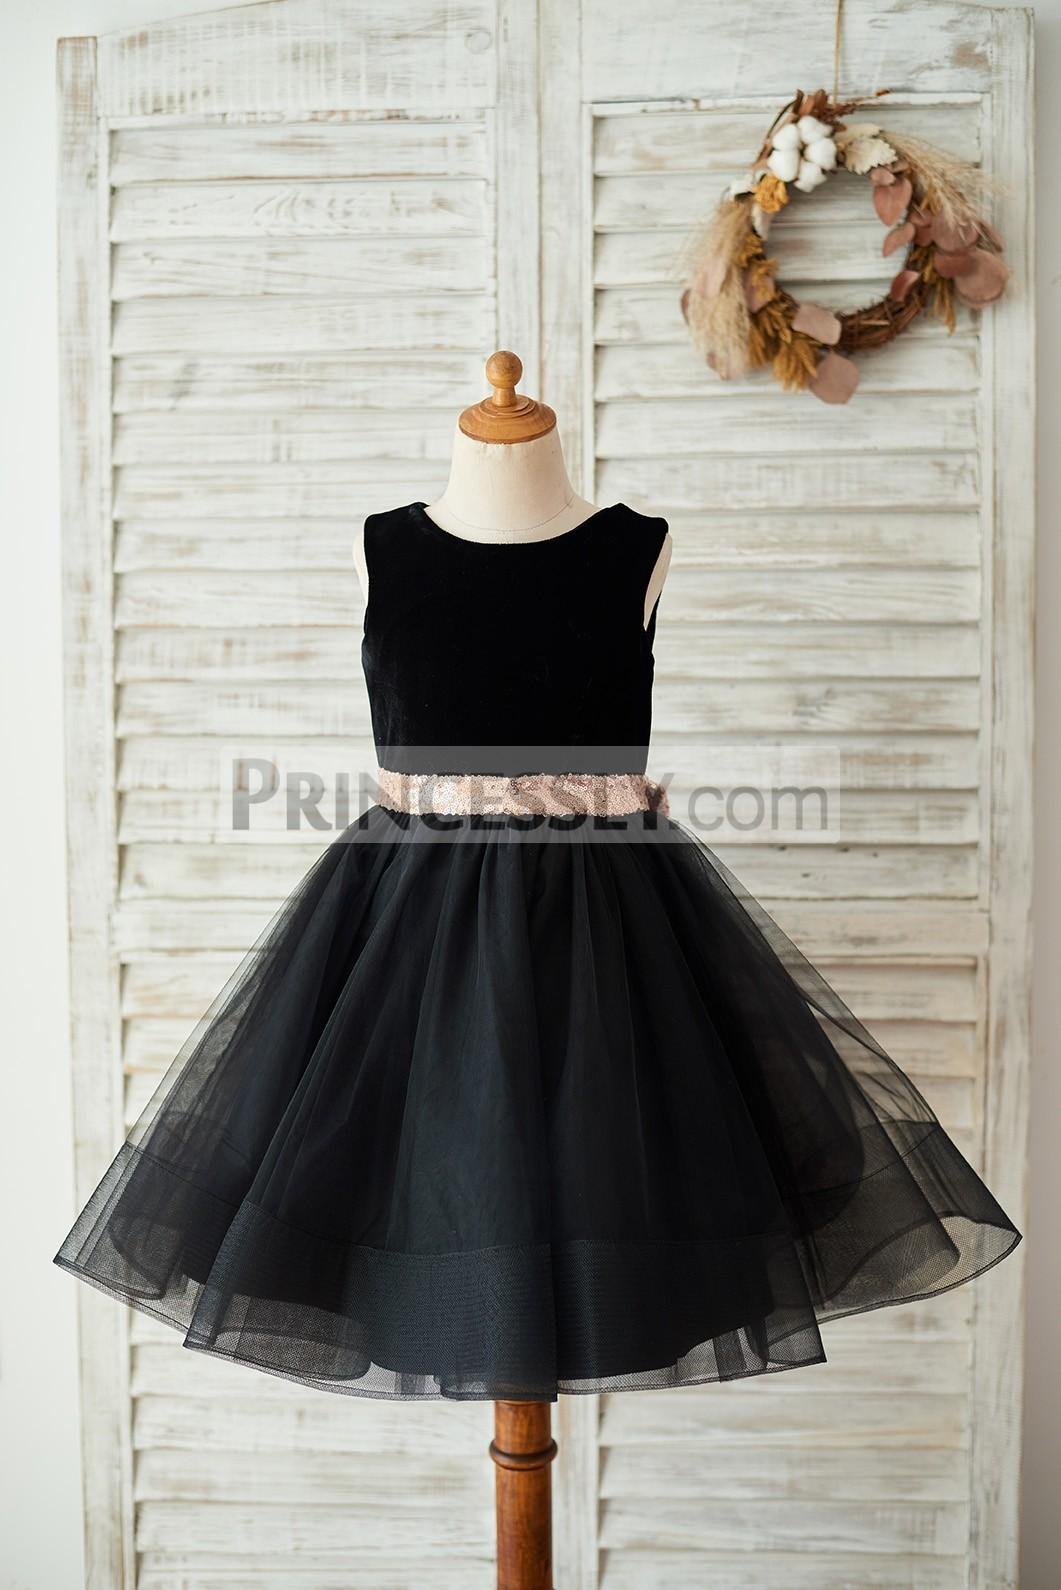 Velvet tulle black flower girl dress w/ gold belt & bow